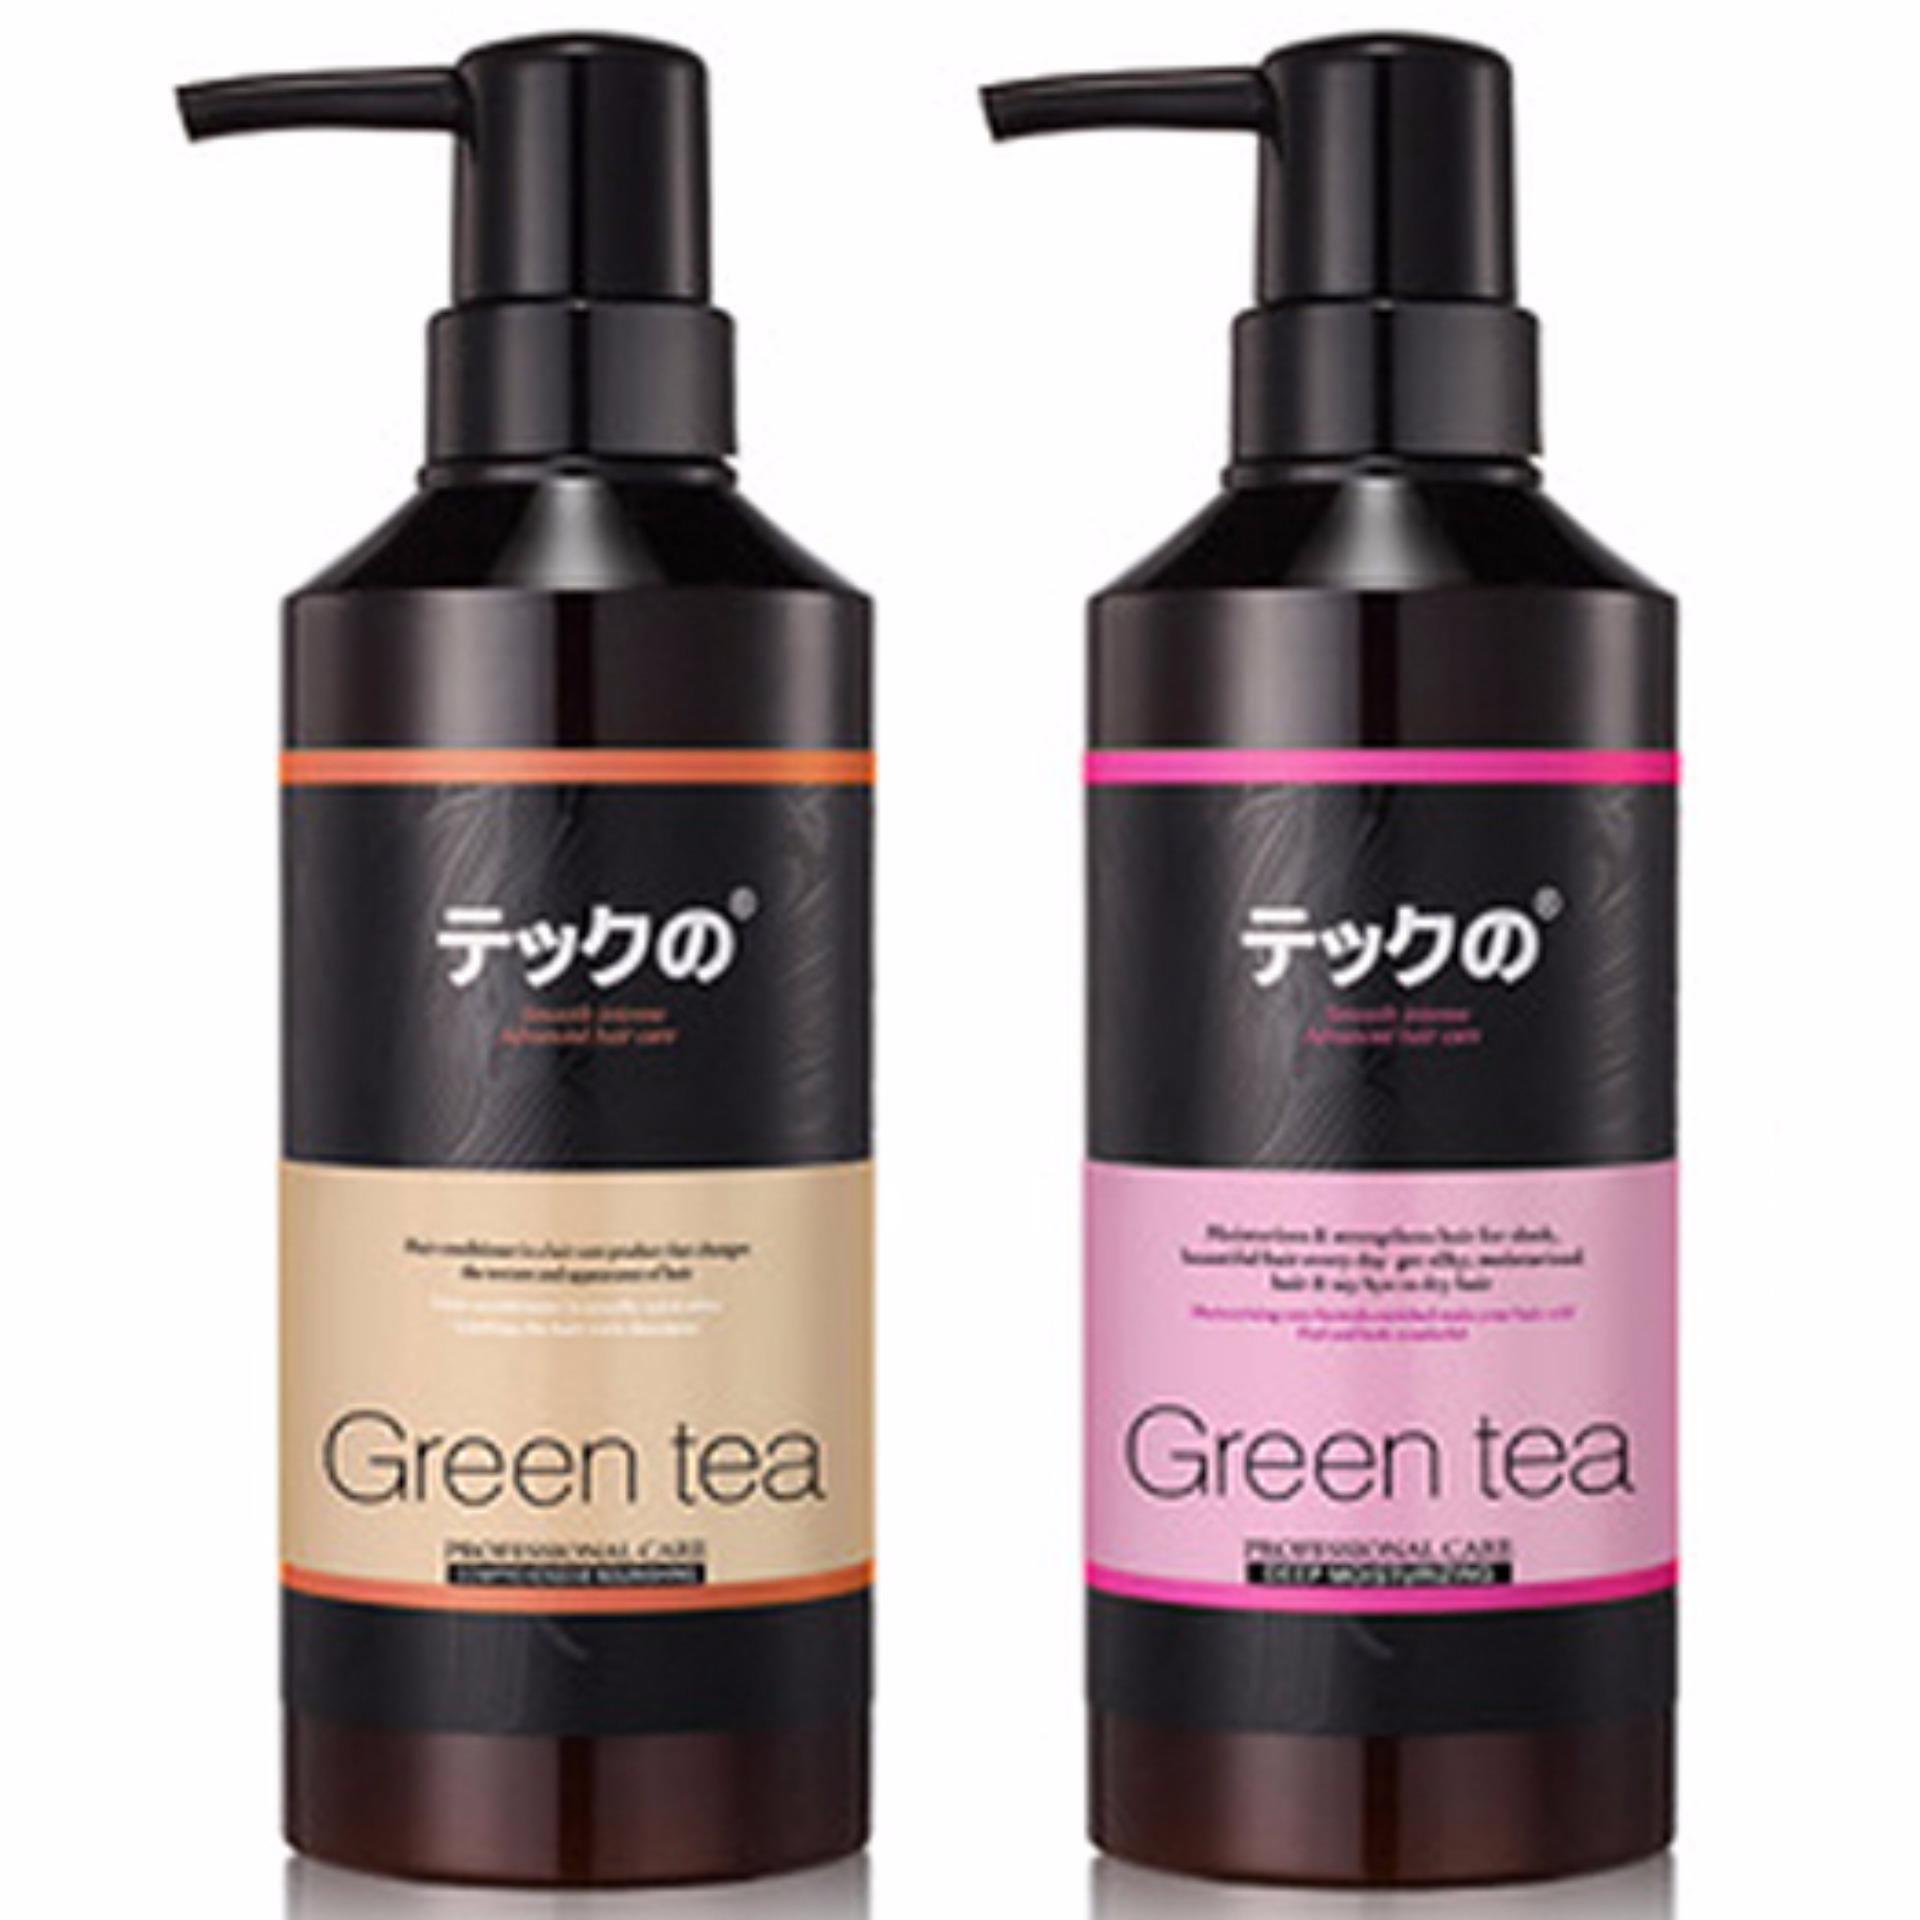 Hình ảnh Bộ dầu gội/xả siêu mềm mượt Green Tea Nhật Bản 800ml